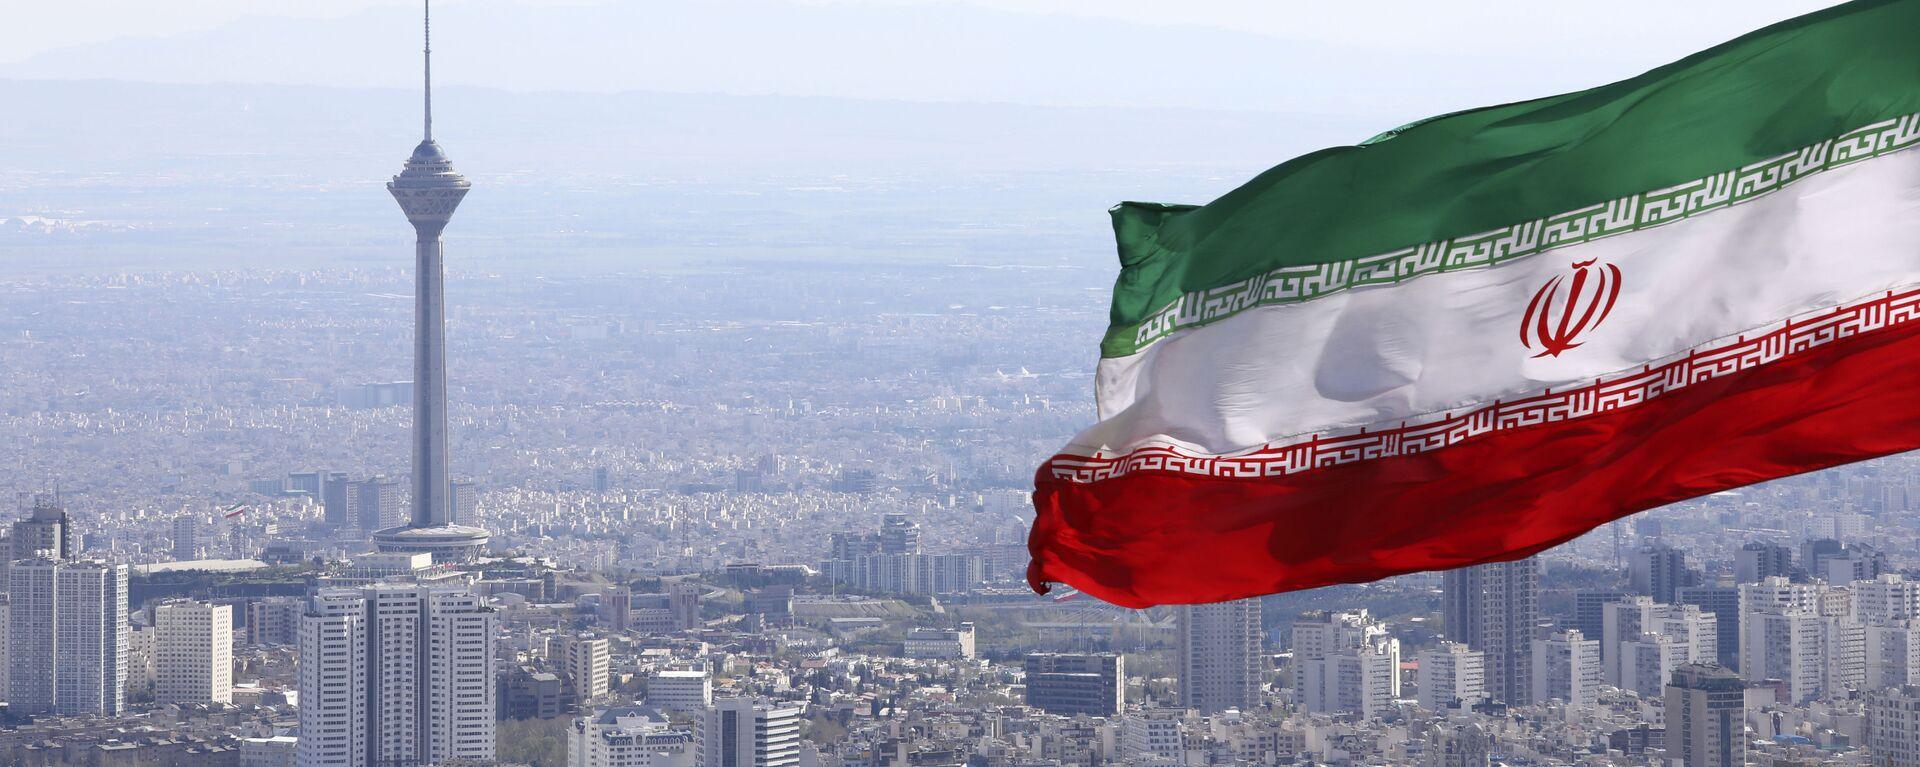 La bandera de Irán en la ciudad de Teherán - Sputnik Mundo, 1920, 23.06.2021